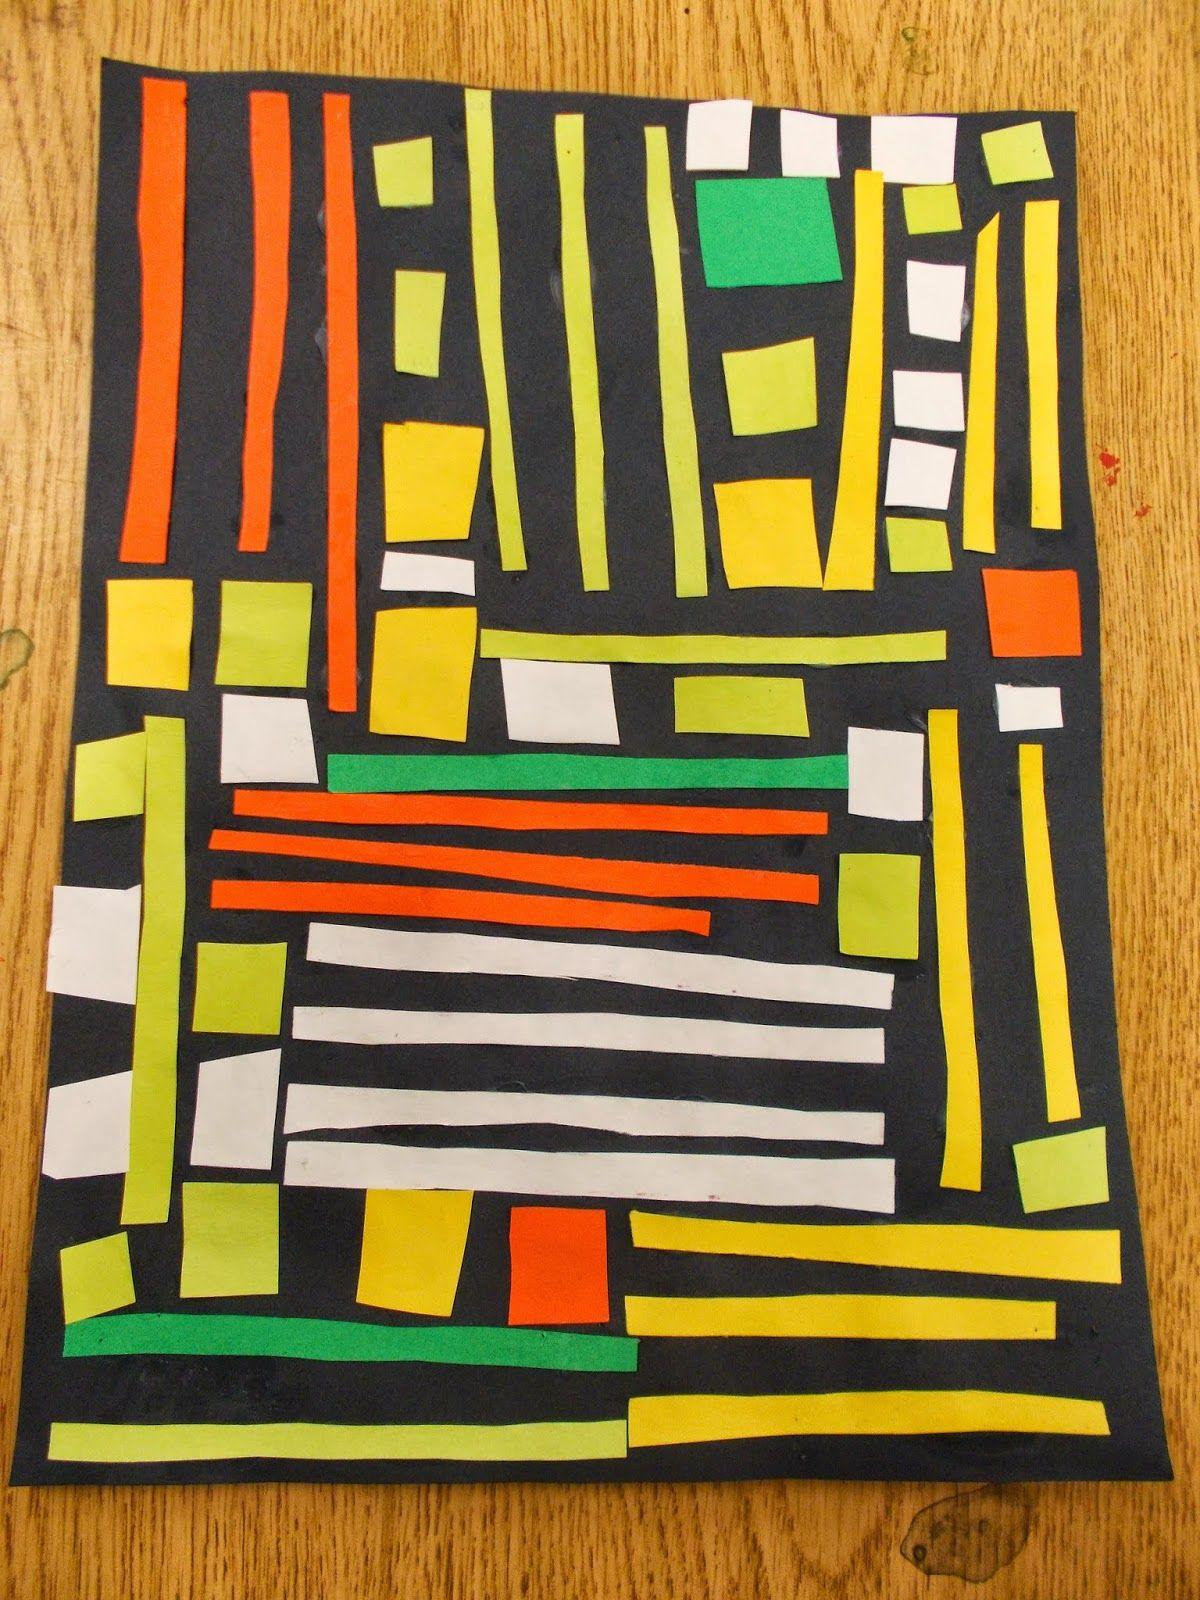 Polka Dot Spot Kente Cloth 1st First Grade Art Project